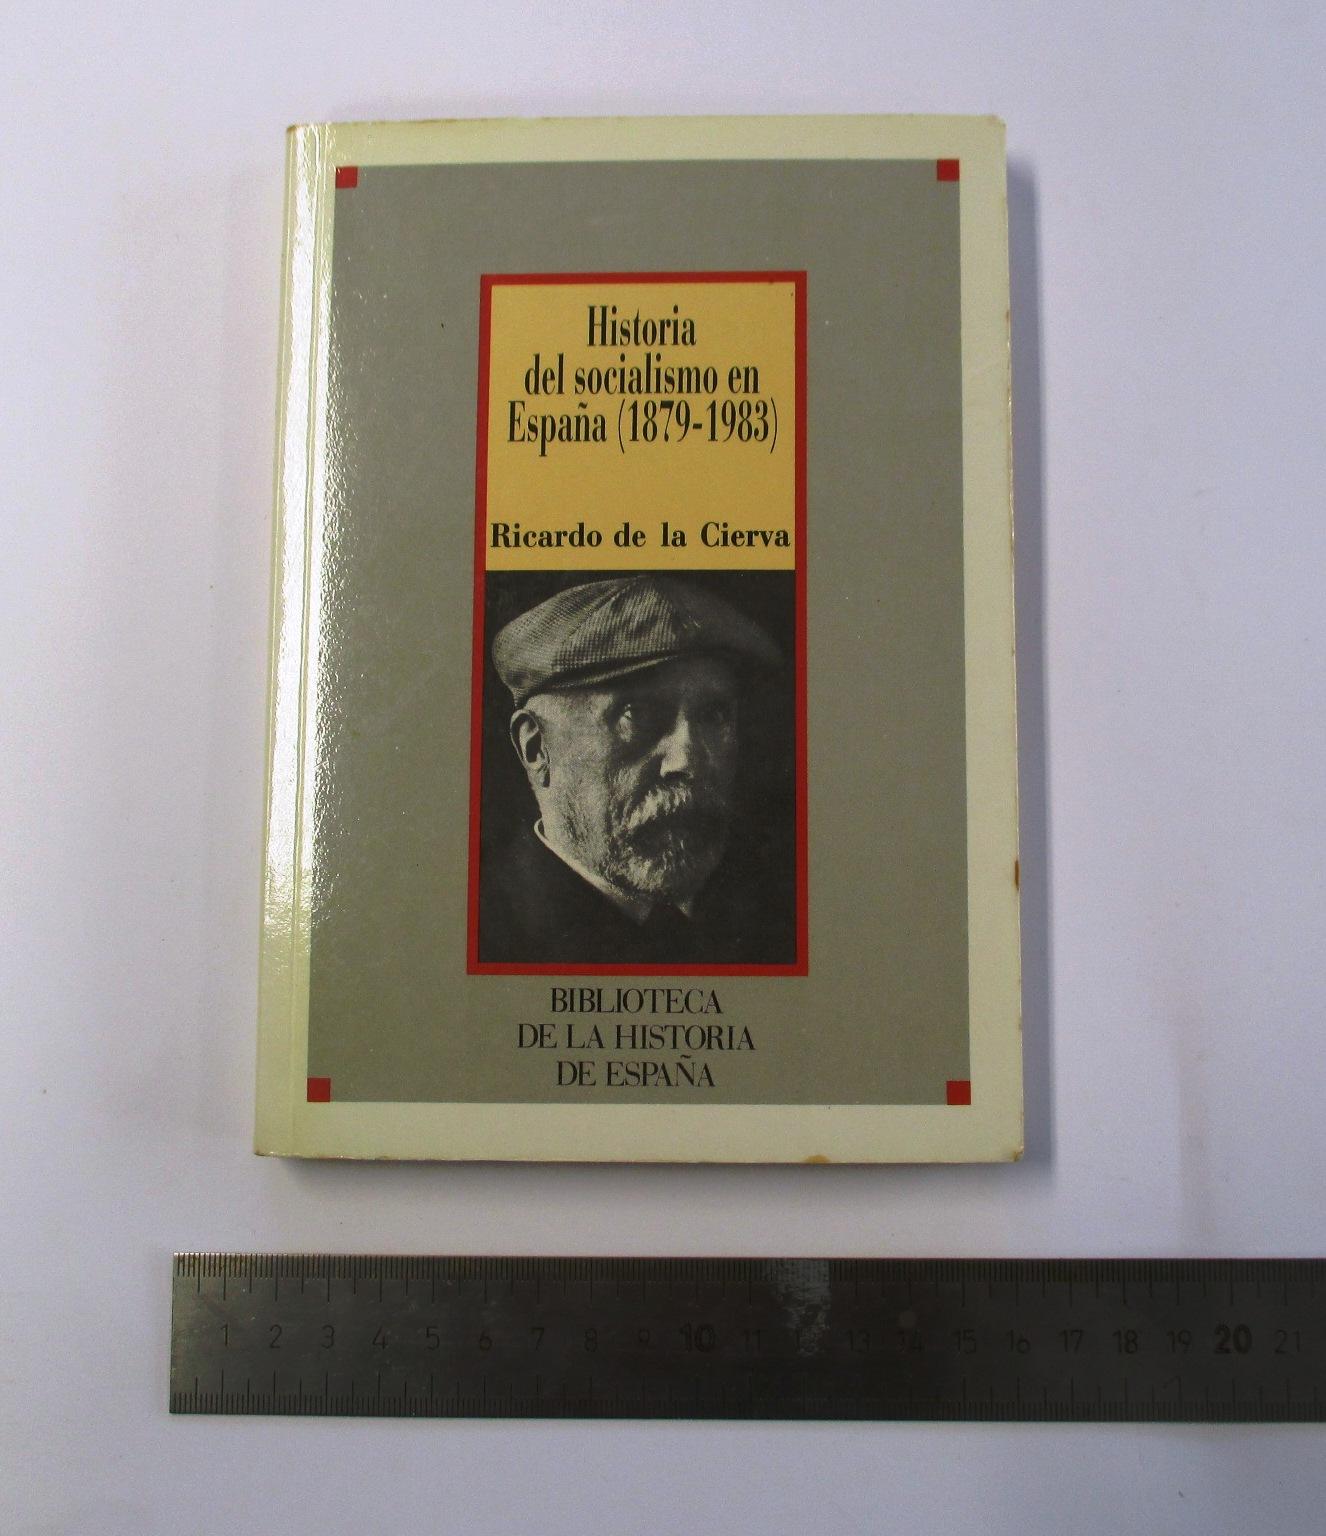 Historia del socialismo en España (1879-1983).